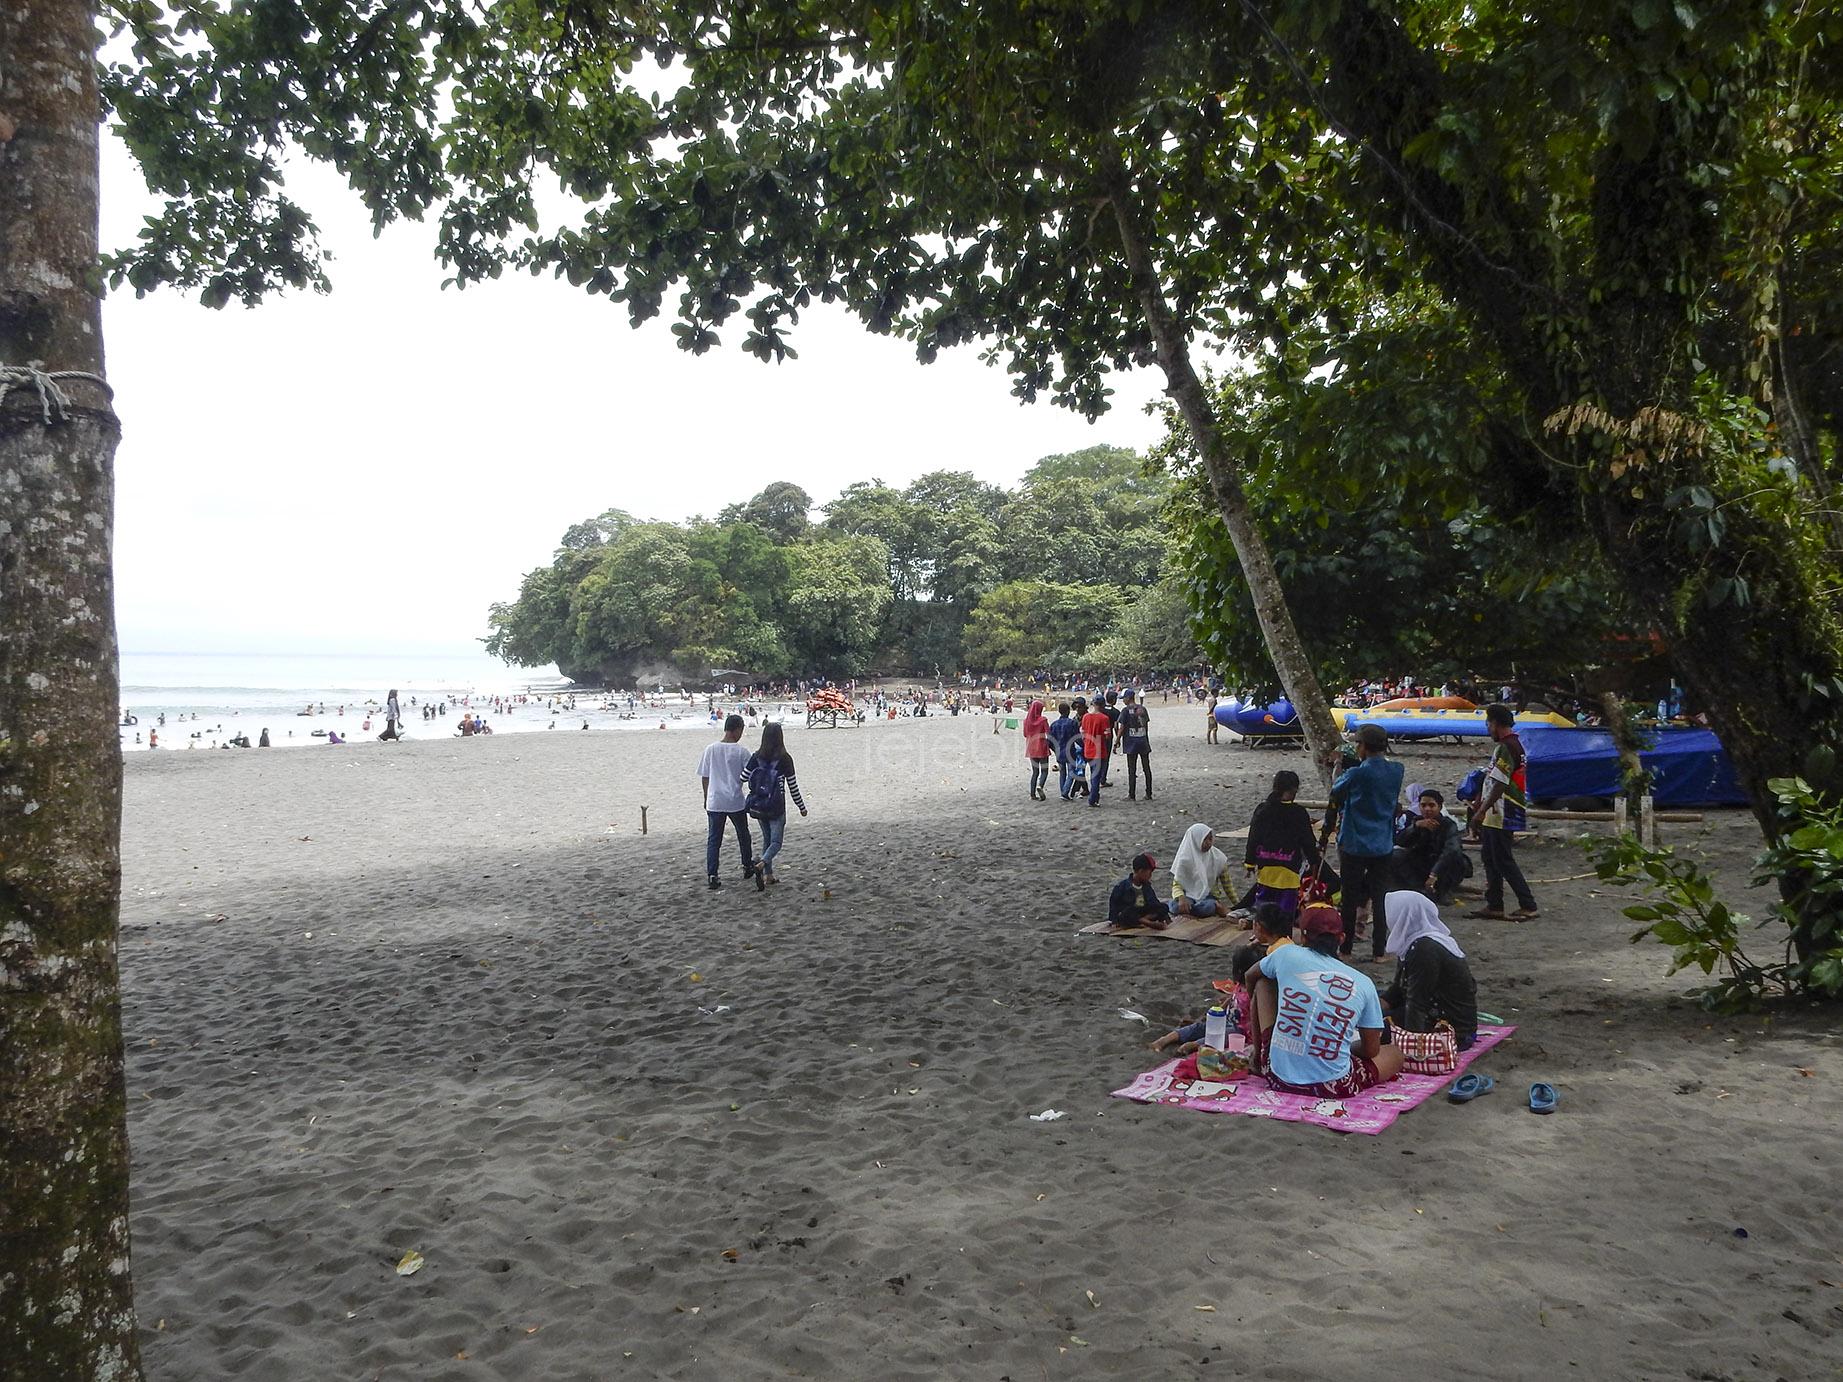 bersantai di pantai batukaras